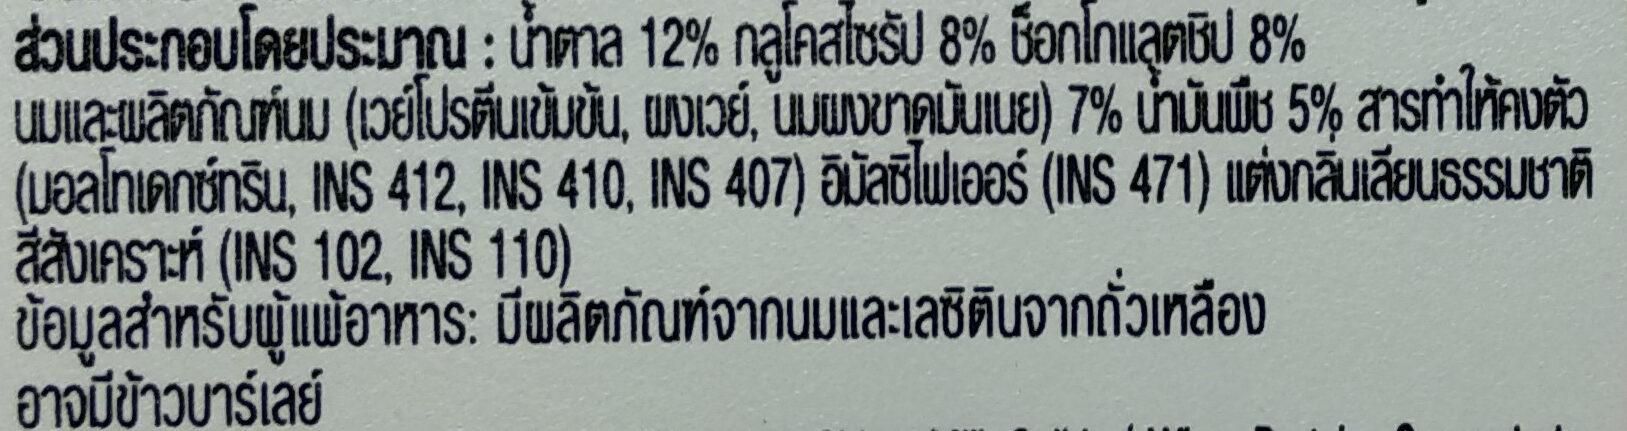 ไอศครีมรสช็อกโกแลตชิป - Ingredients - th